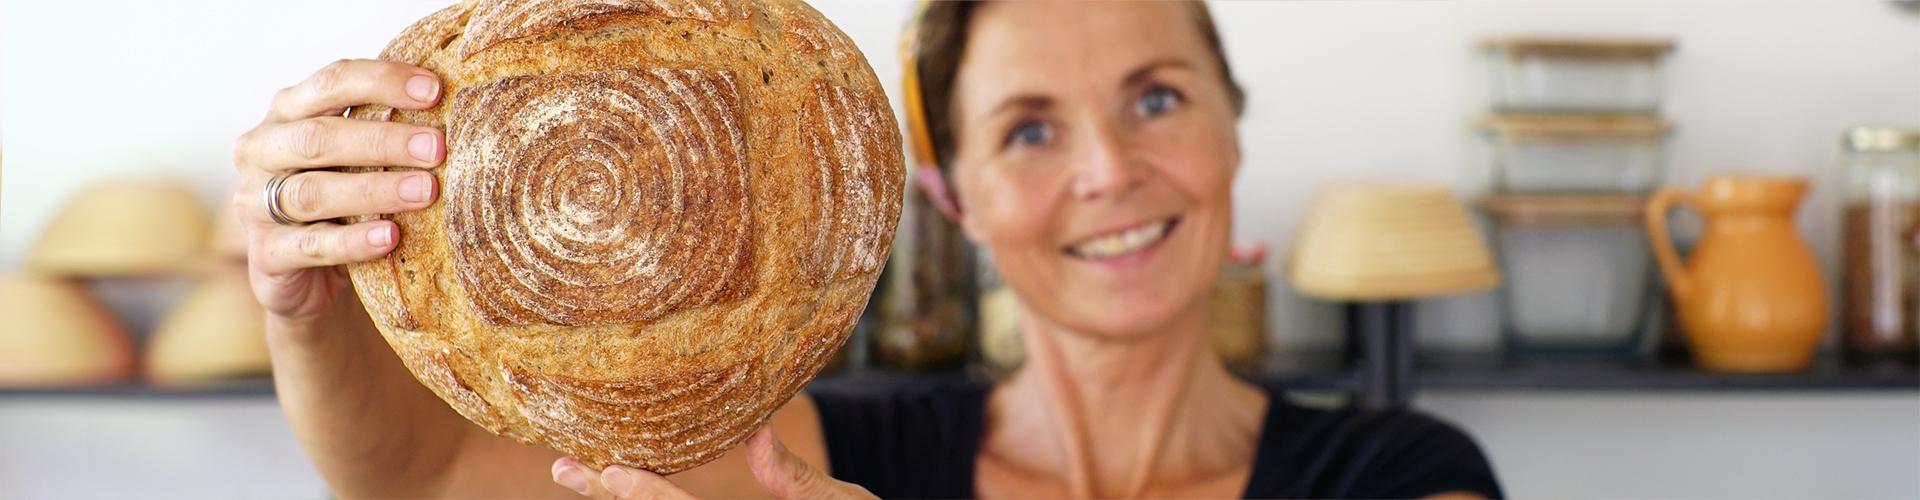 Marije Bakt Brood lacht met ambachtelijk brood voor zich uit gestoken in bakkers keuken met potjes